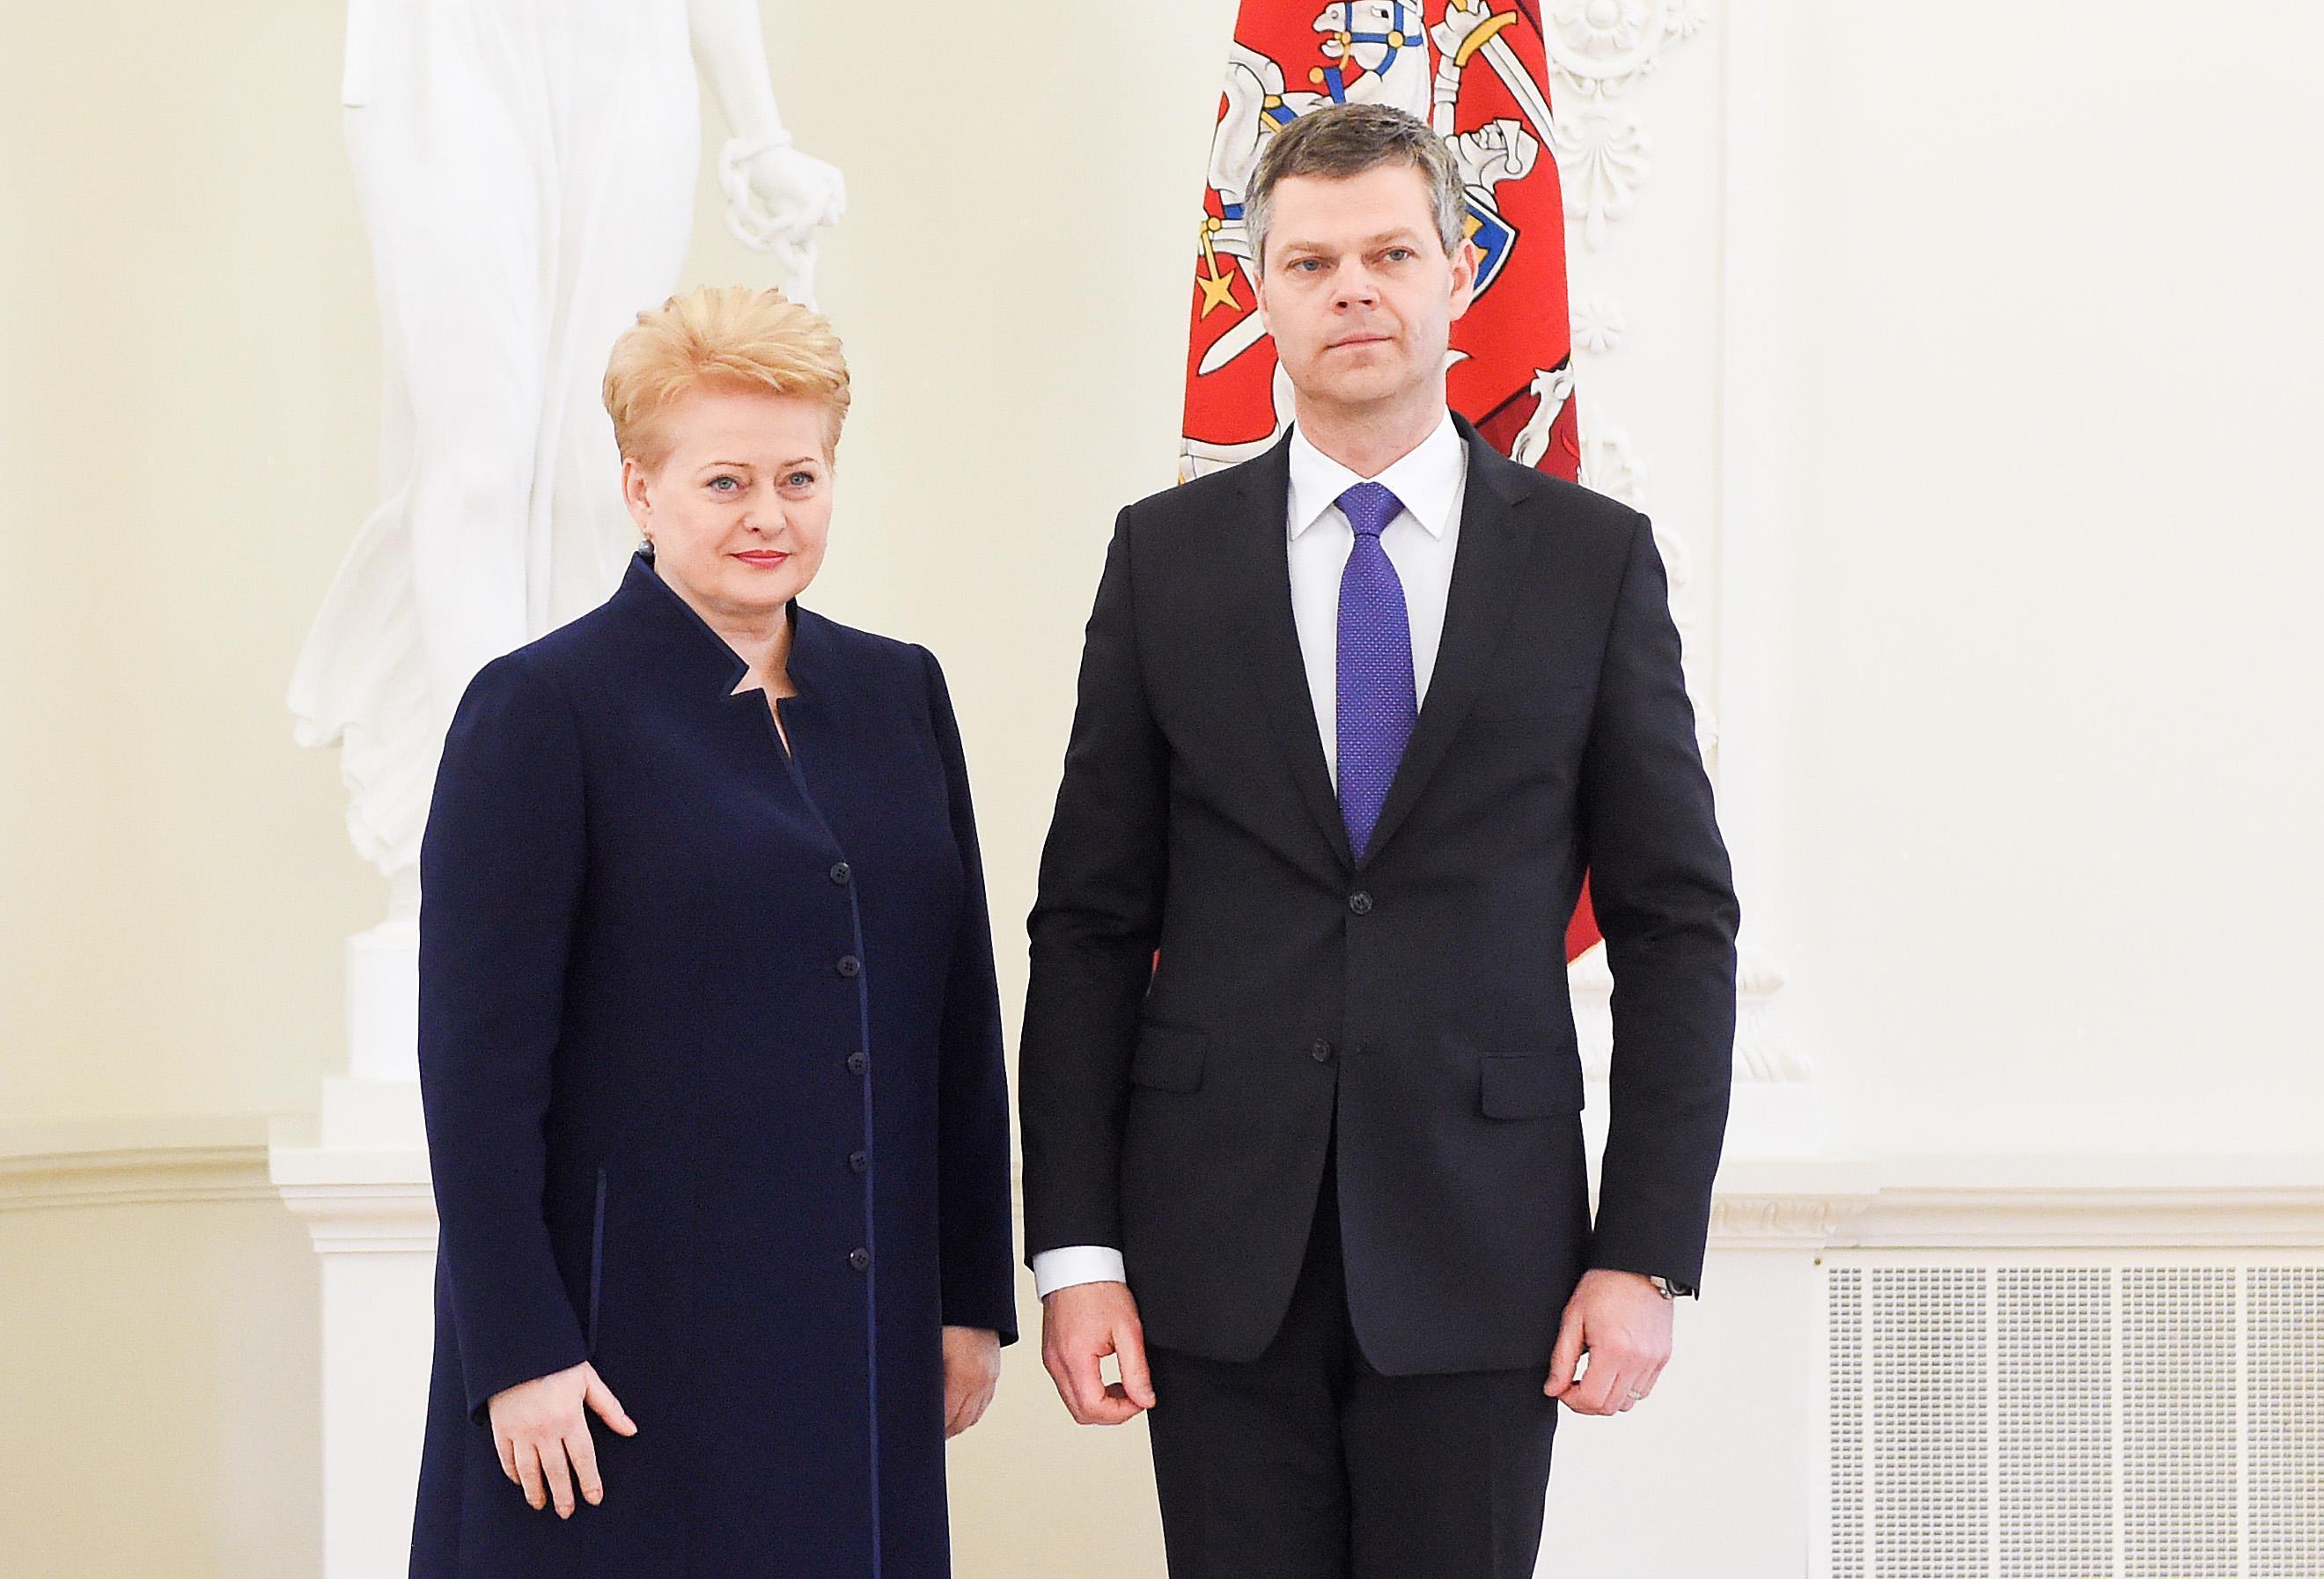 Специалист : Литва винит  РФ  вугрозе по«методу Скрипаля»